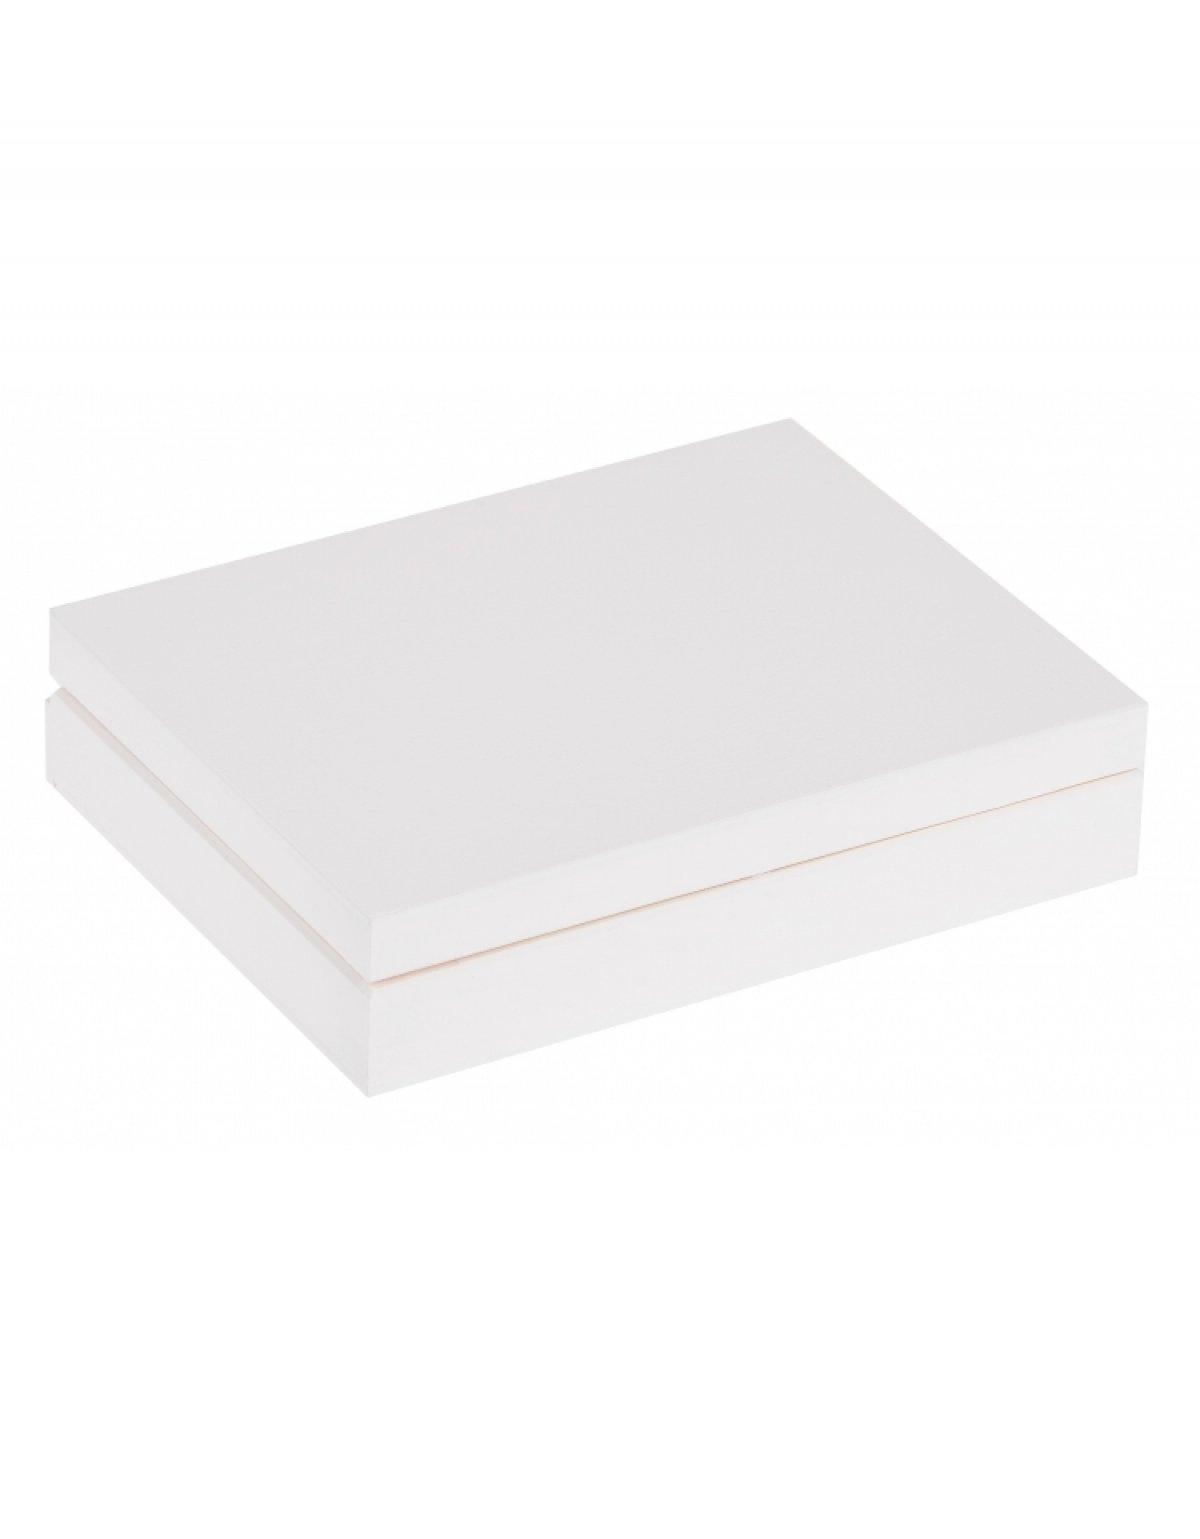 Krabička dřevěná 16x12x3 cm - bílá